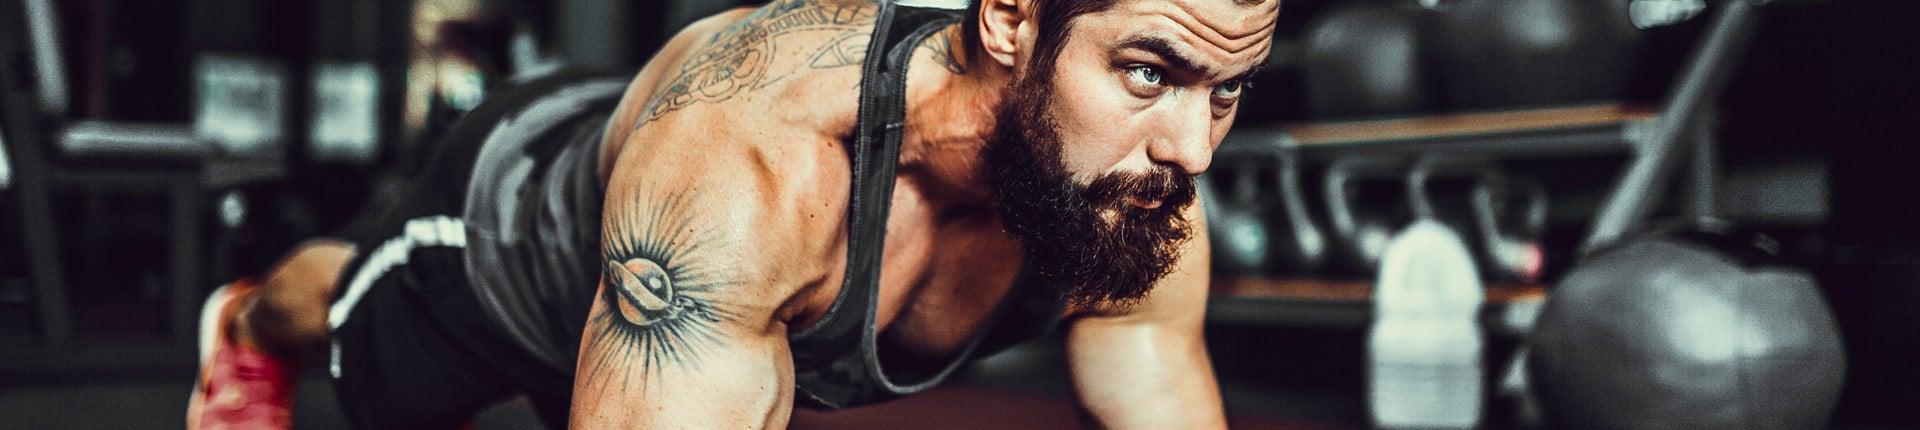 Plank czy brzuszki, co lepsze na mięśnie brzucha?